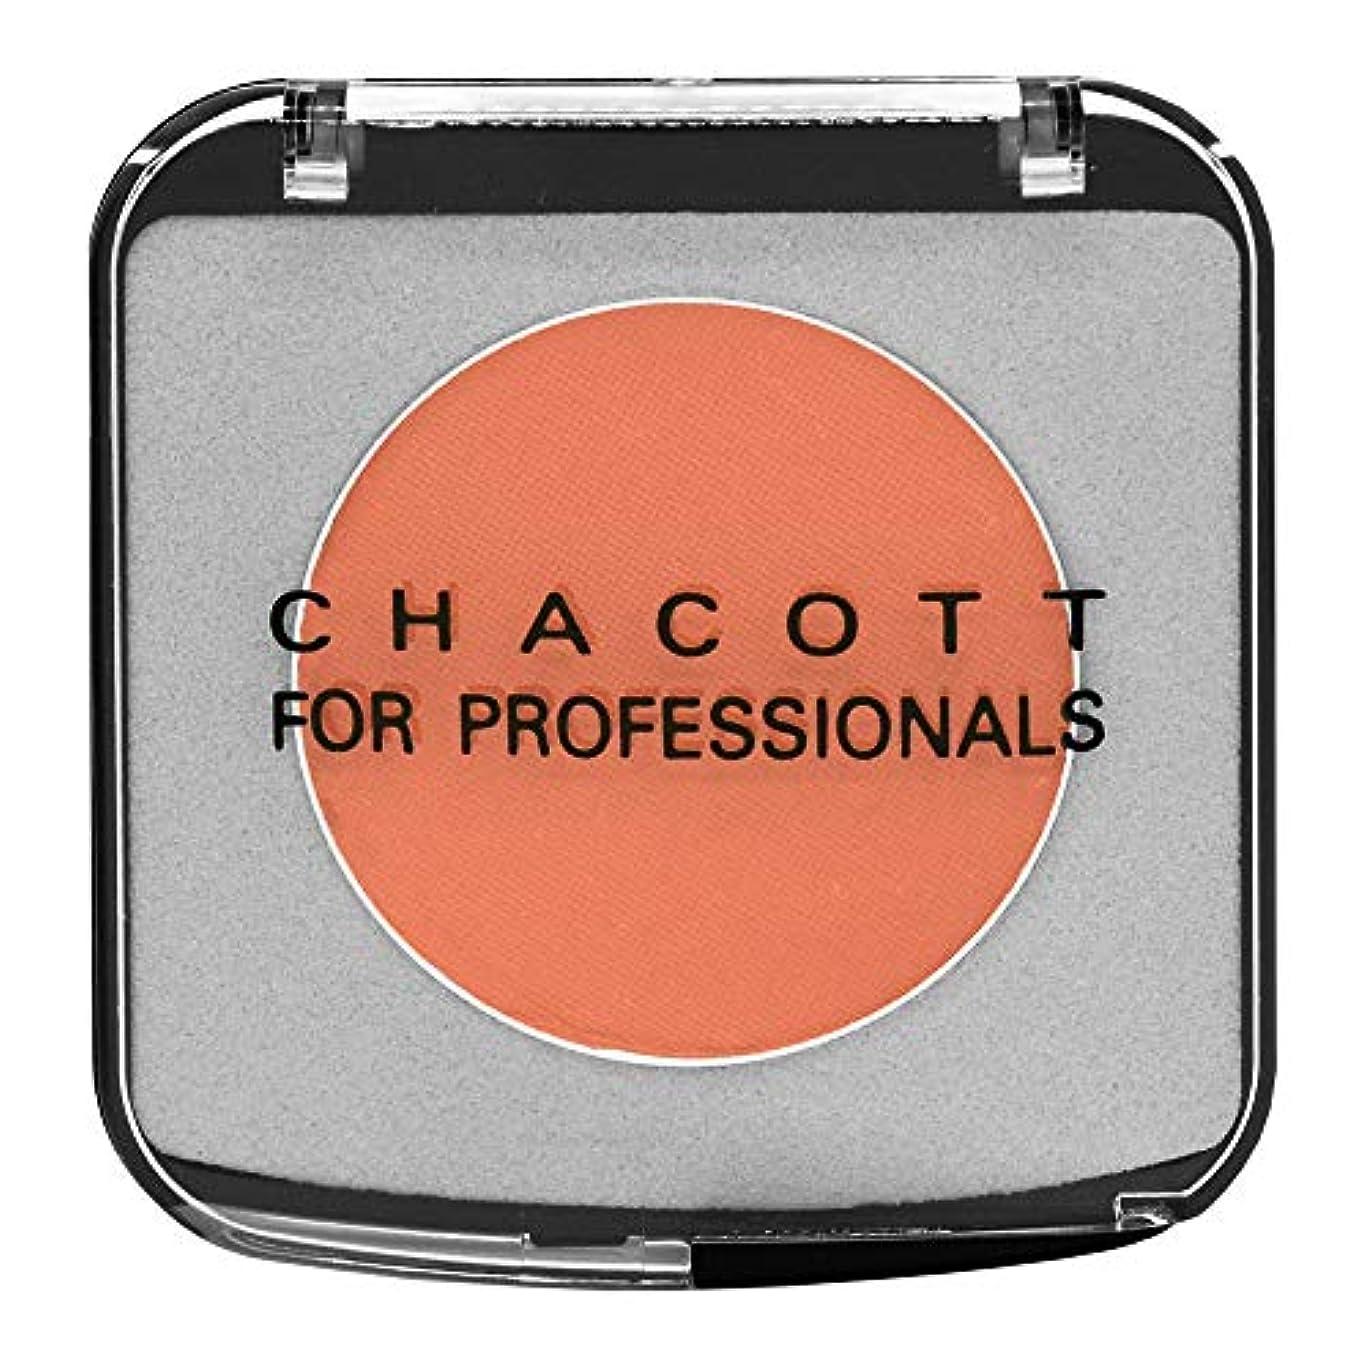 アーティファクト爪脅威CHACOTT<チャコット> カラーバリエーション 623.パンプキン